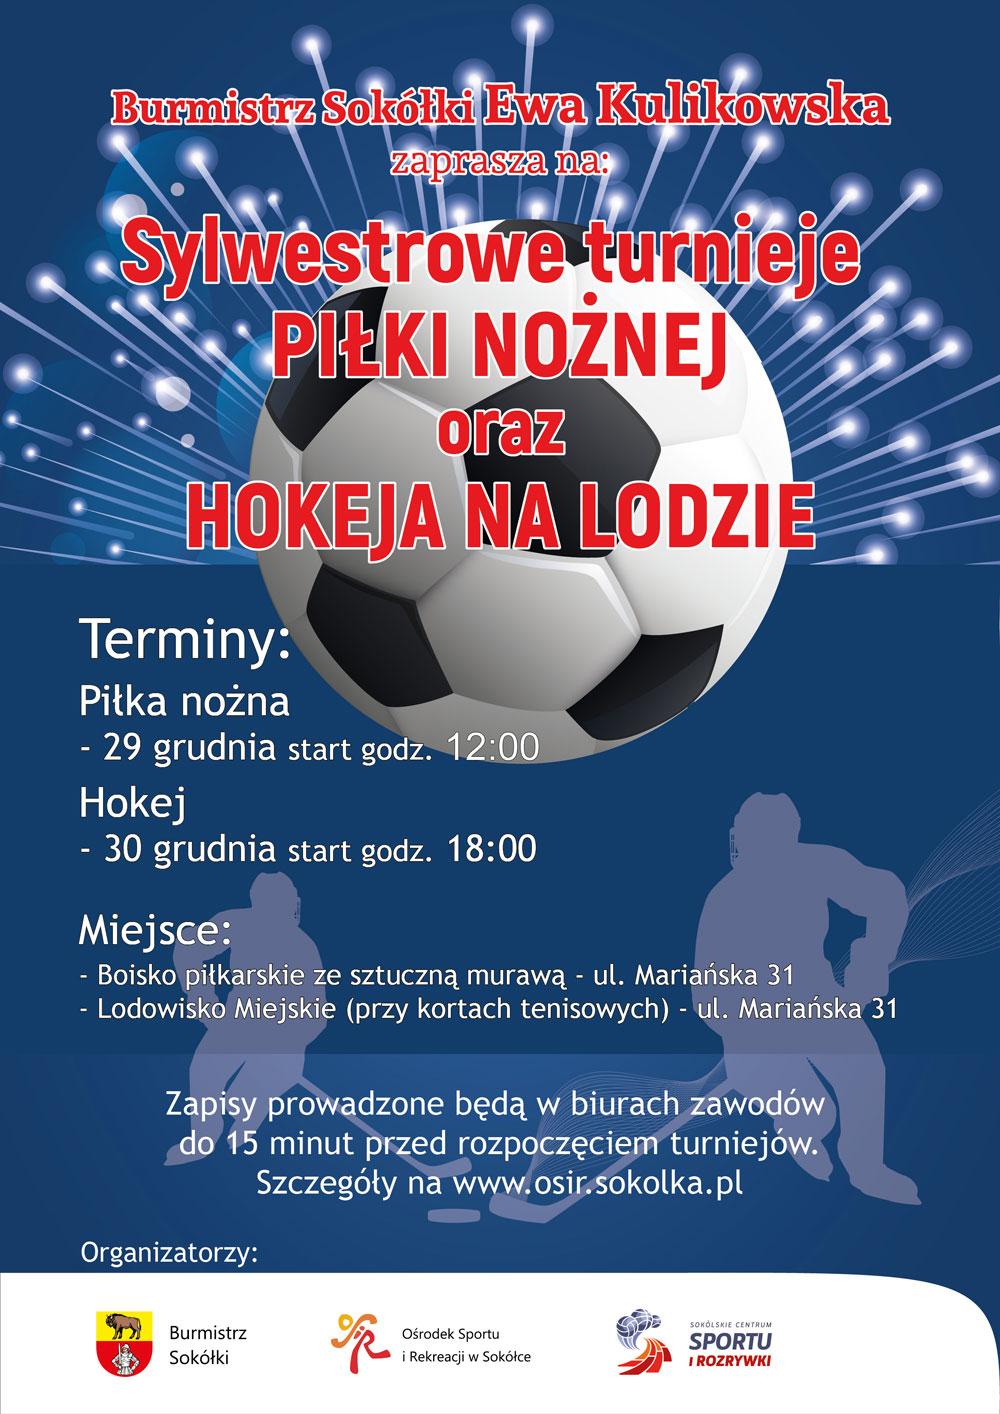 29164a4f1d SOKÓŁKA - Gmina Sokółka - 16 224 - Urząd Miejski w Sokółce